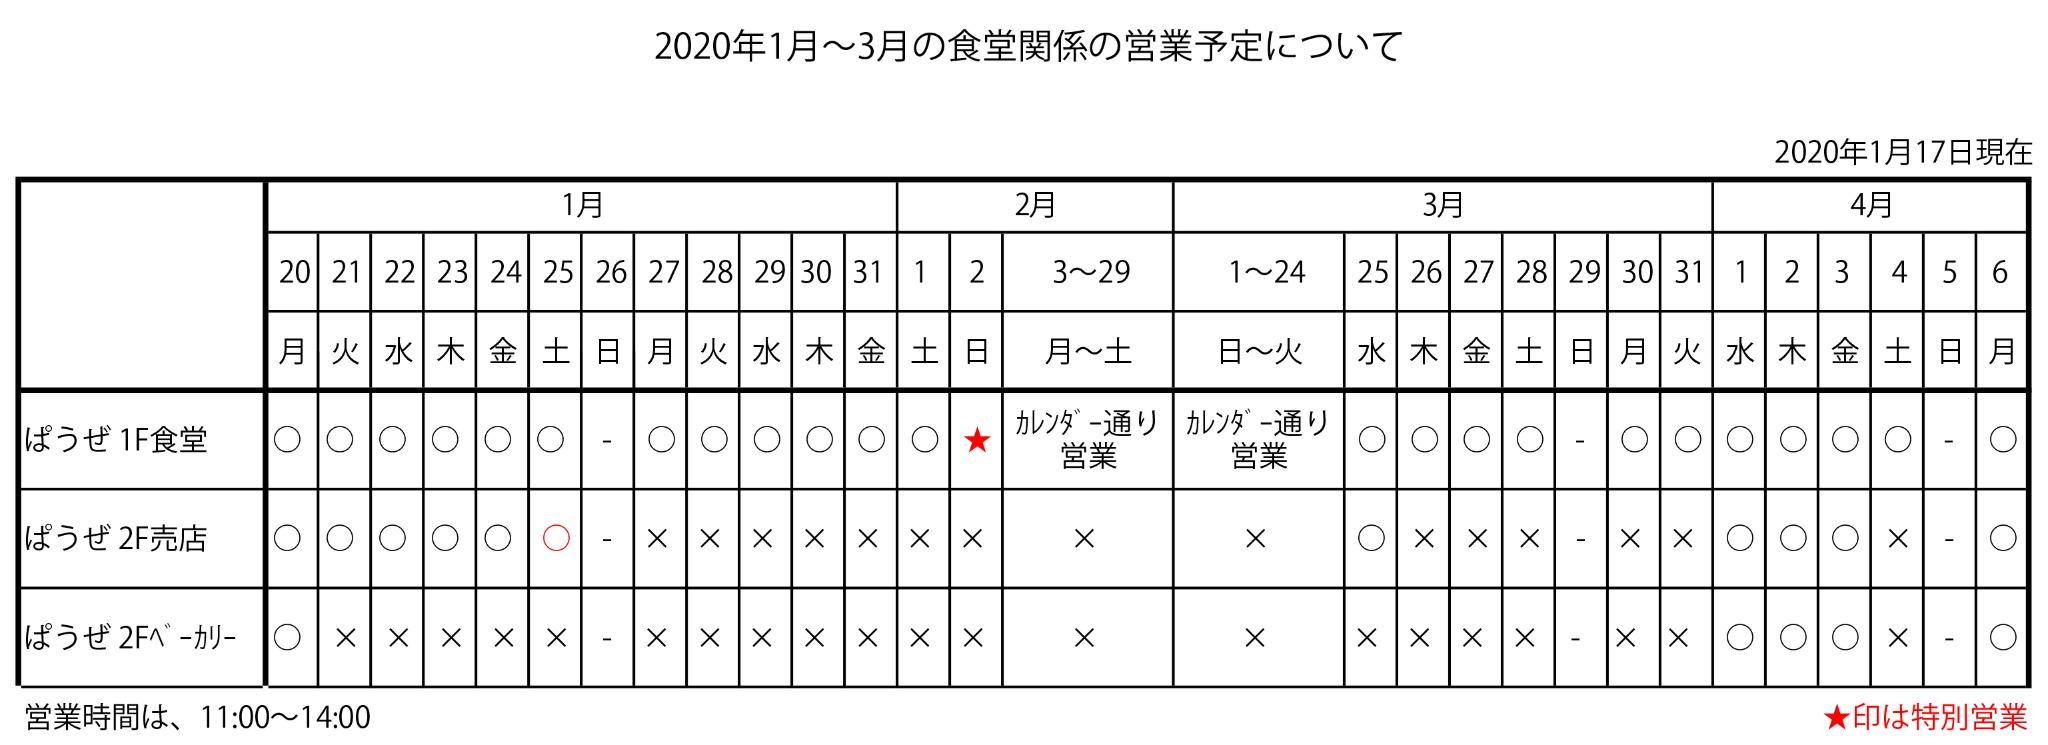 大阪音楽大学学生食堂営業予定について